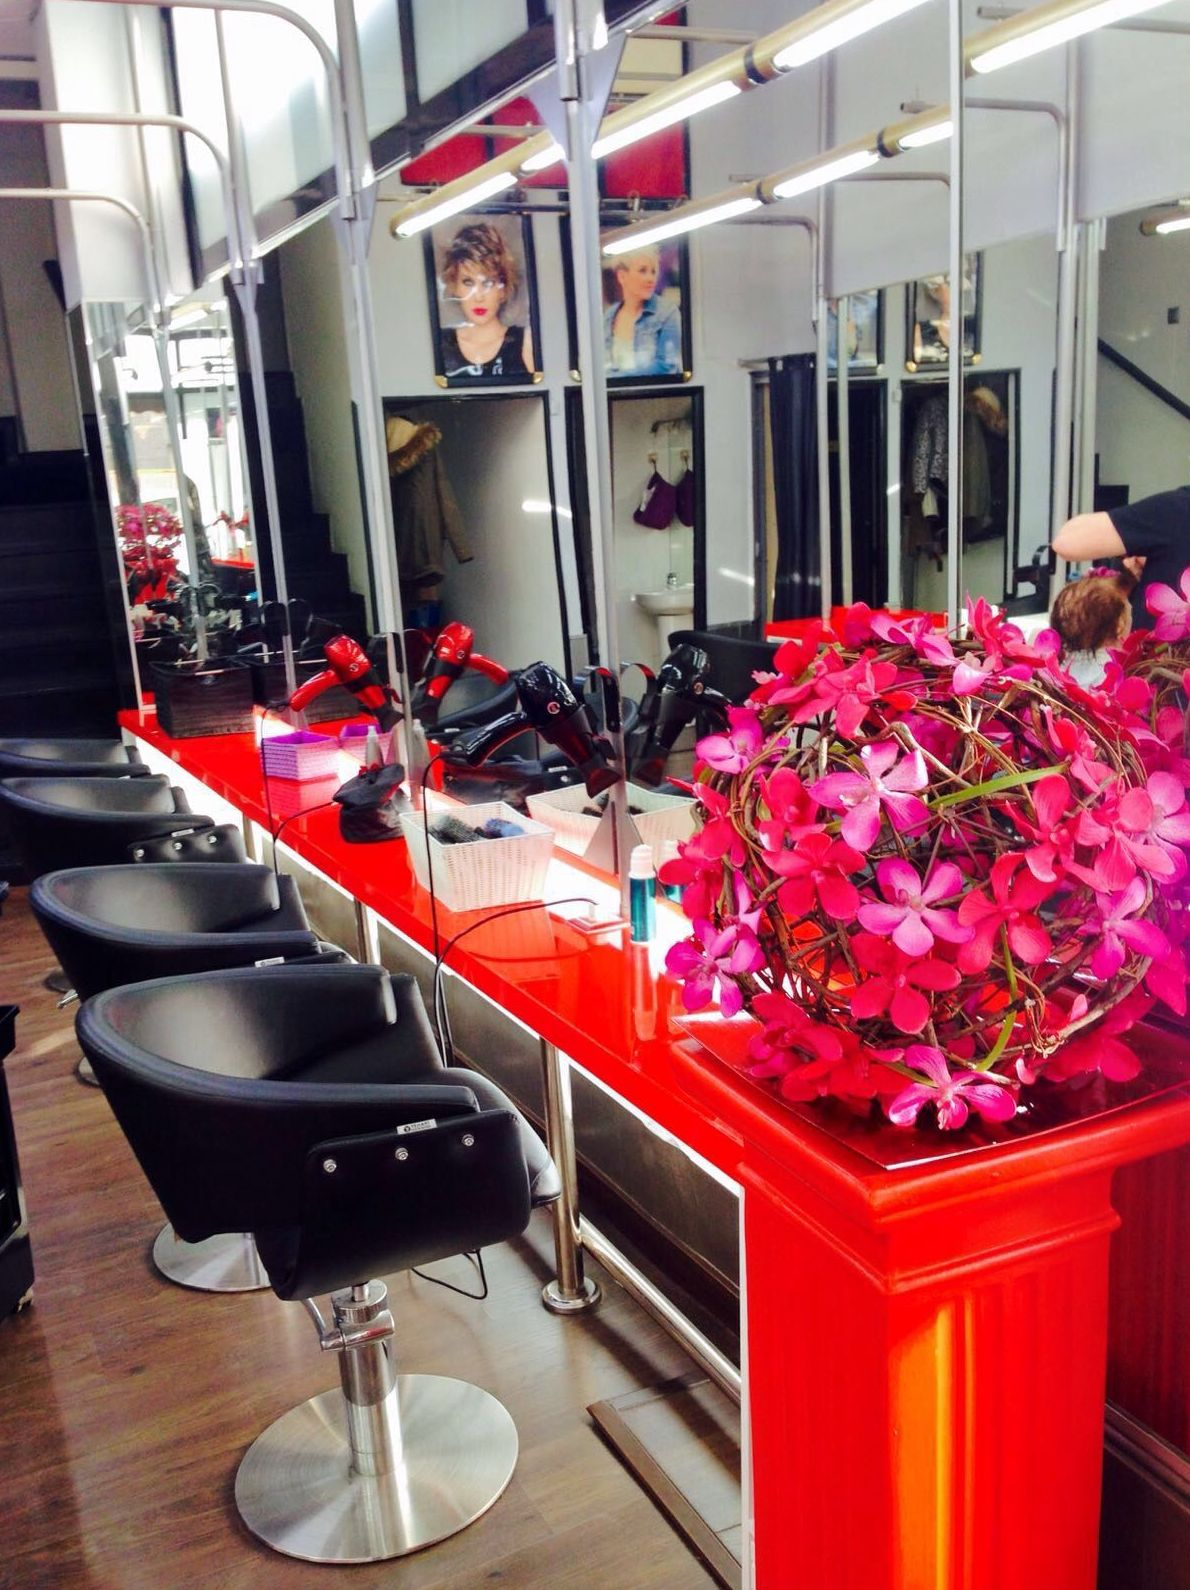 Centro de peluquería y belleza en Madrid